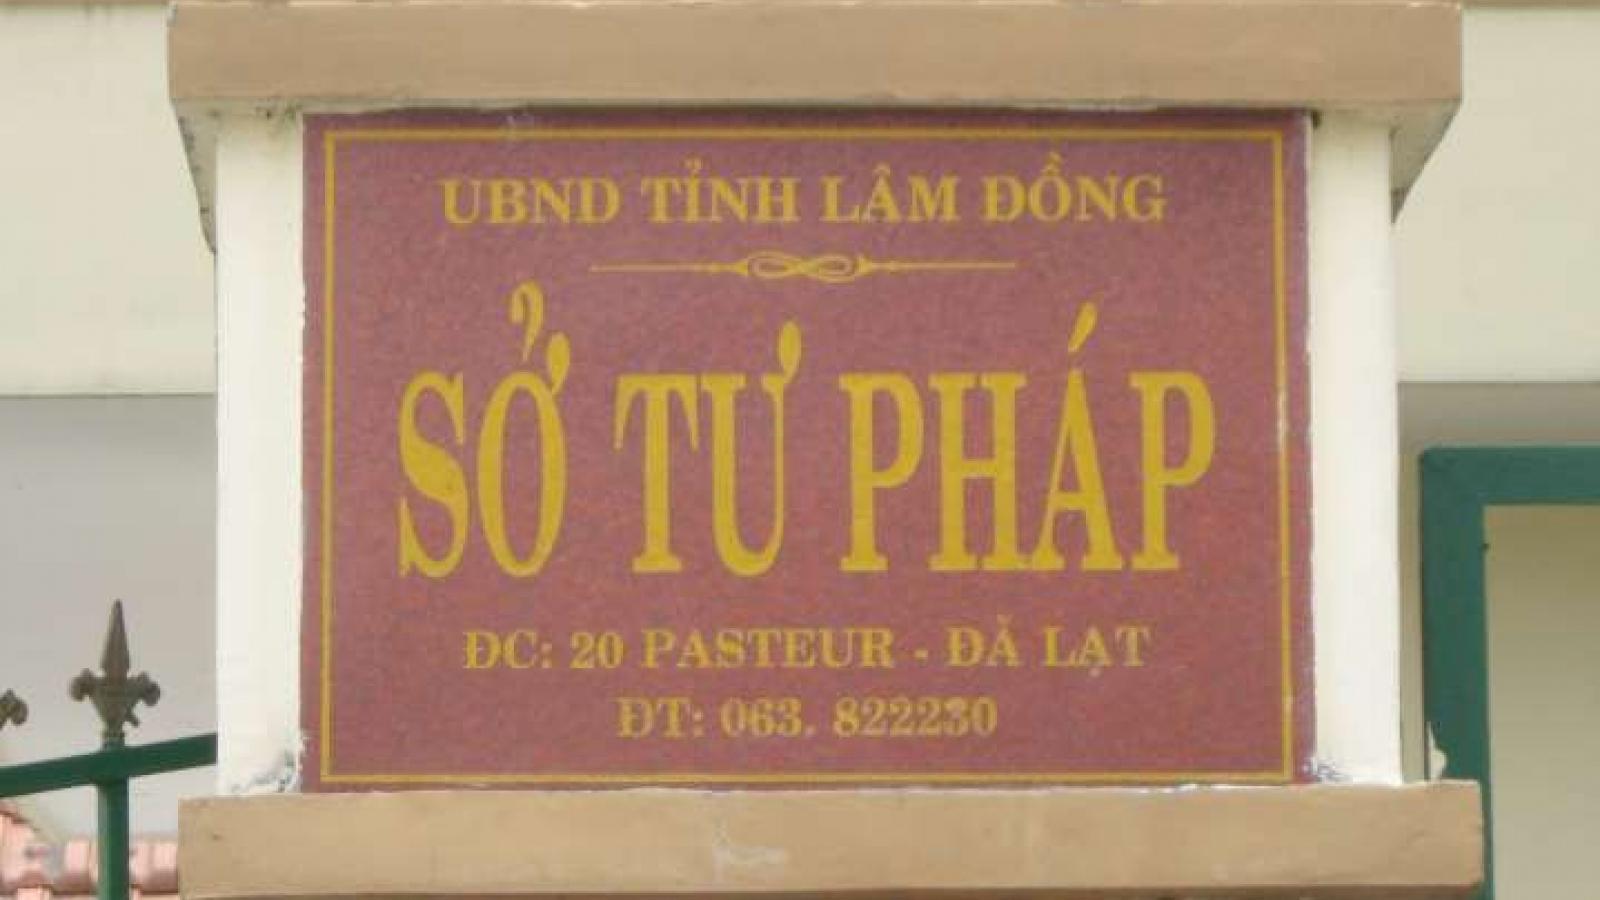 Giám đốc Sở Tư pháp Lâm Đồng bị kỷ luật khiển trách